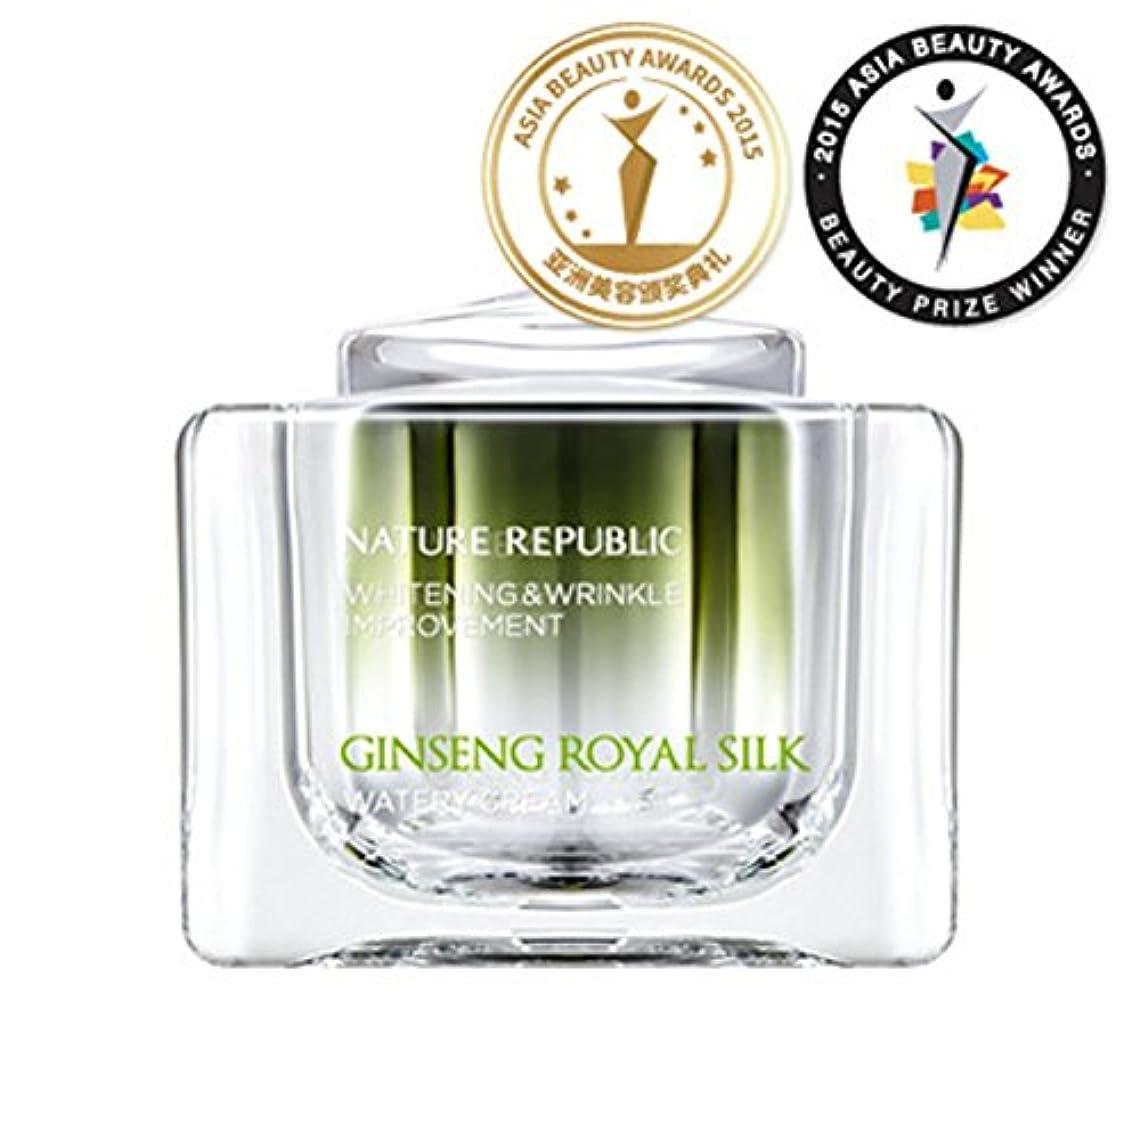 バイパスソート不合格ネイチャーリパブリック [韓国コスメ NATURE REPUBLIC] ジンセン ロイヤル シルク ウォータリー クリーム [海外直送品]Nature Republic, Ginseng Royal silk Watery...